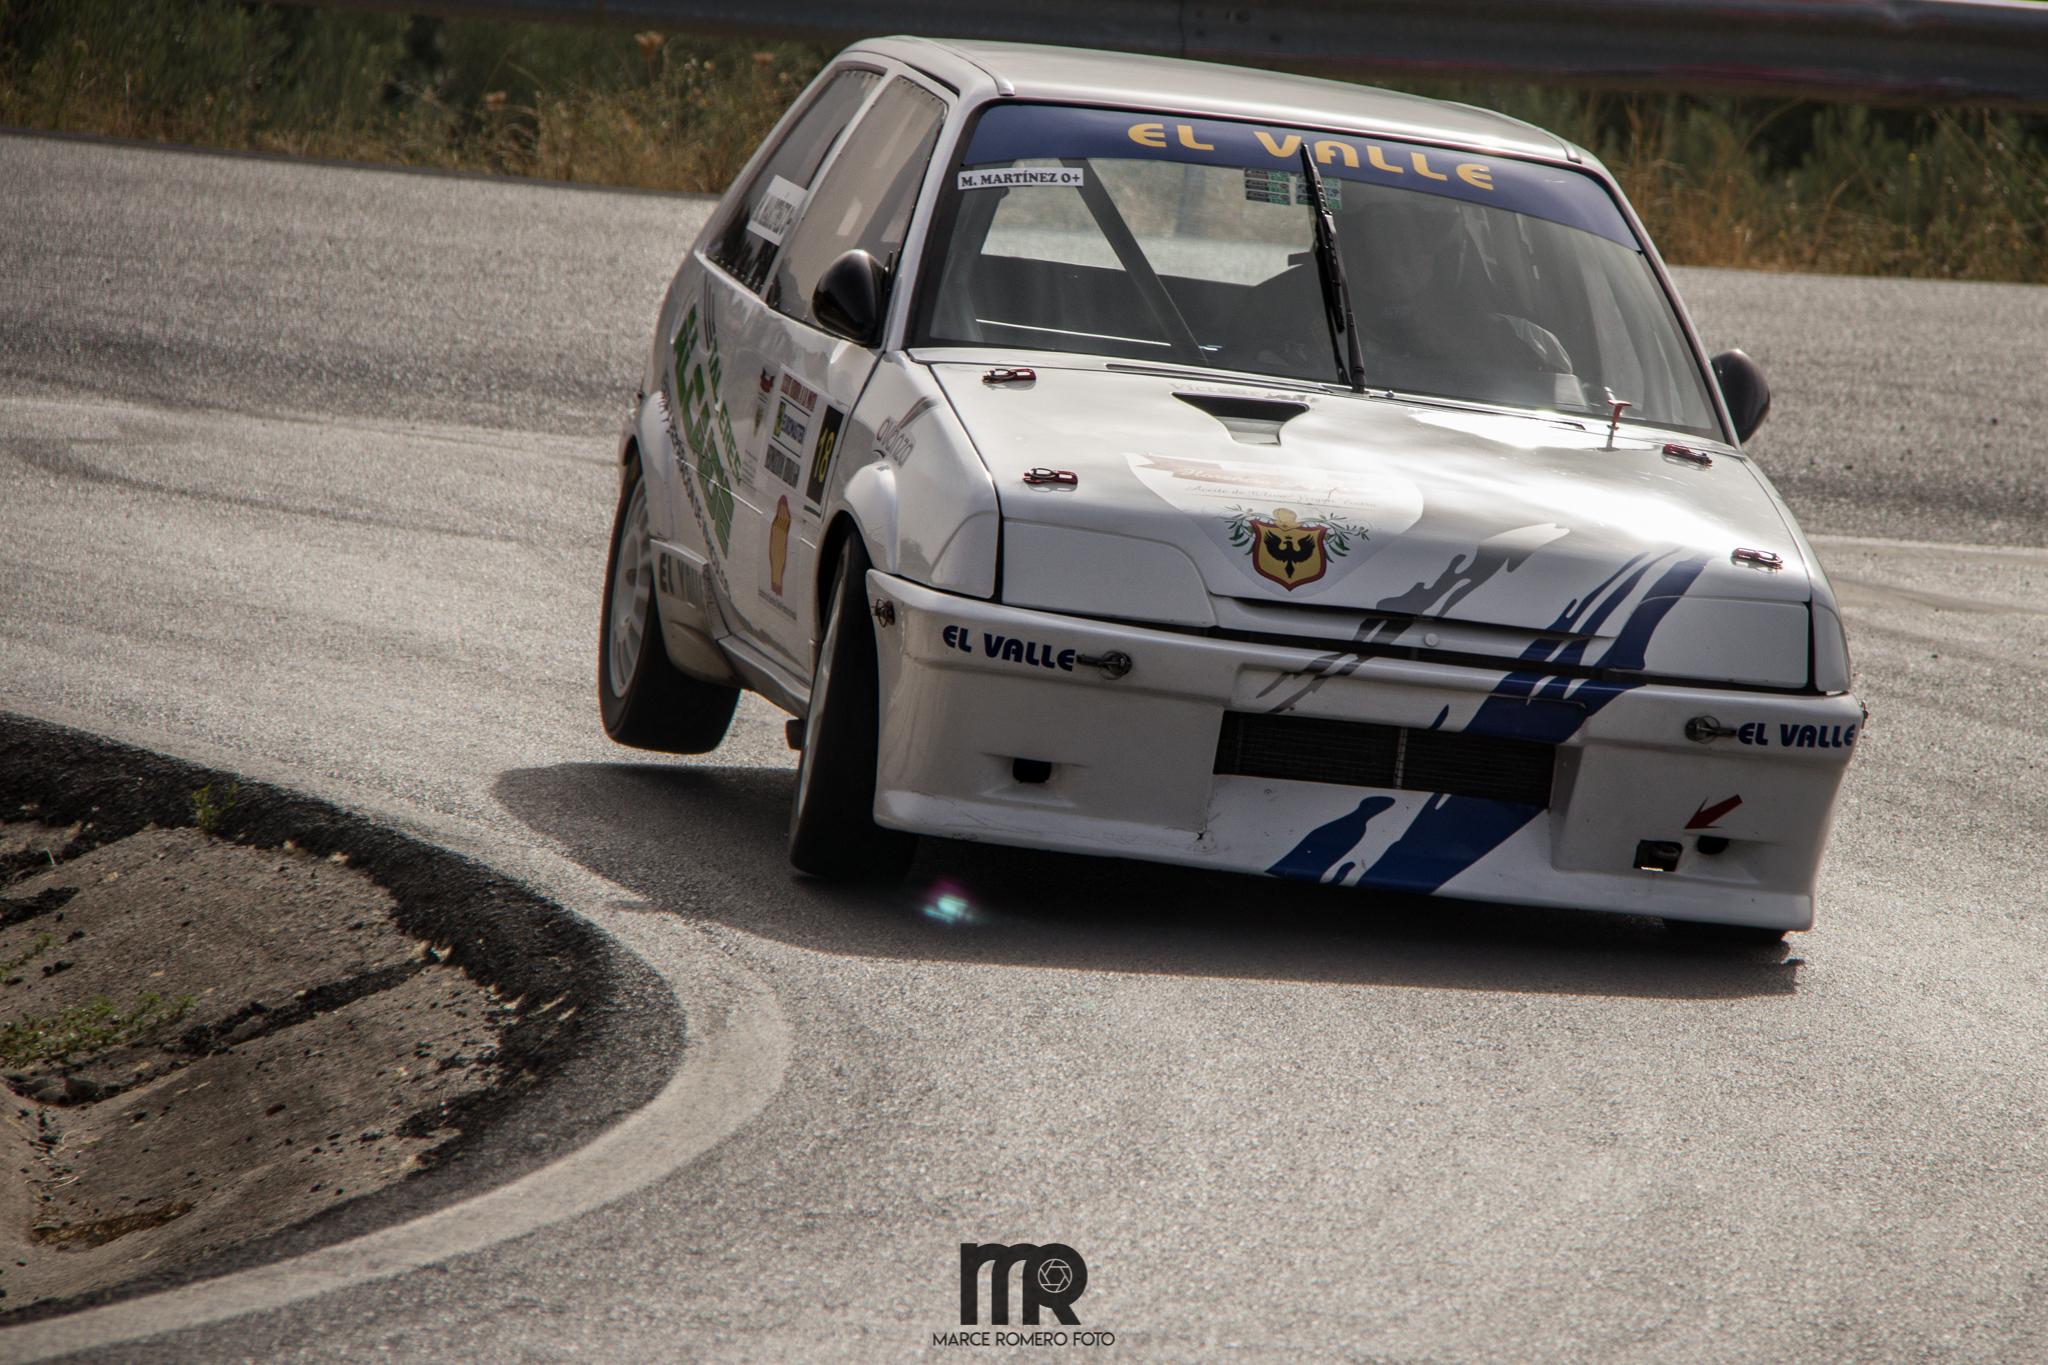 El local Mario Martinez logró destacar de forma notable con un AX A ½ que sigue adaptándose a la perfección a los trazados de la montaña andaluza.